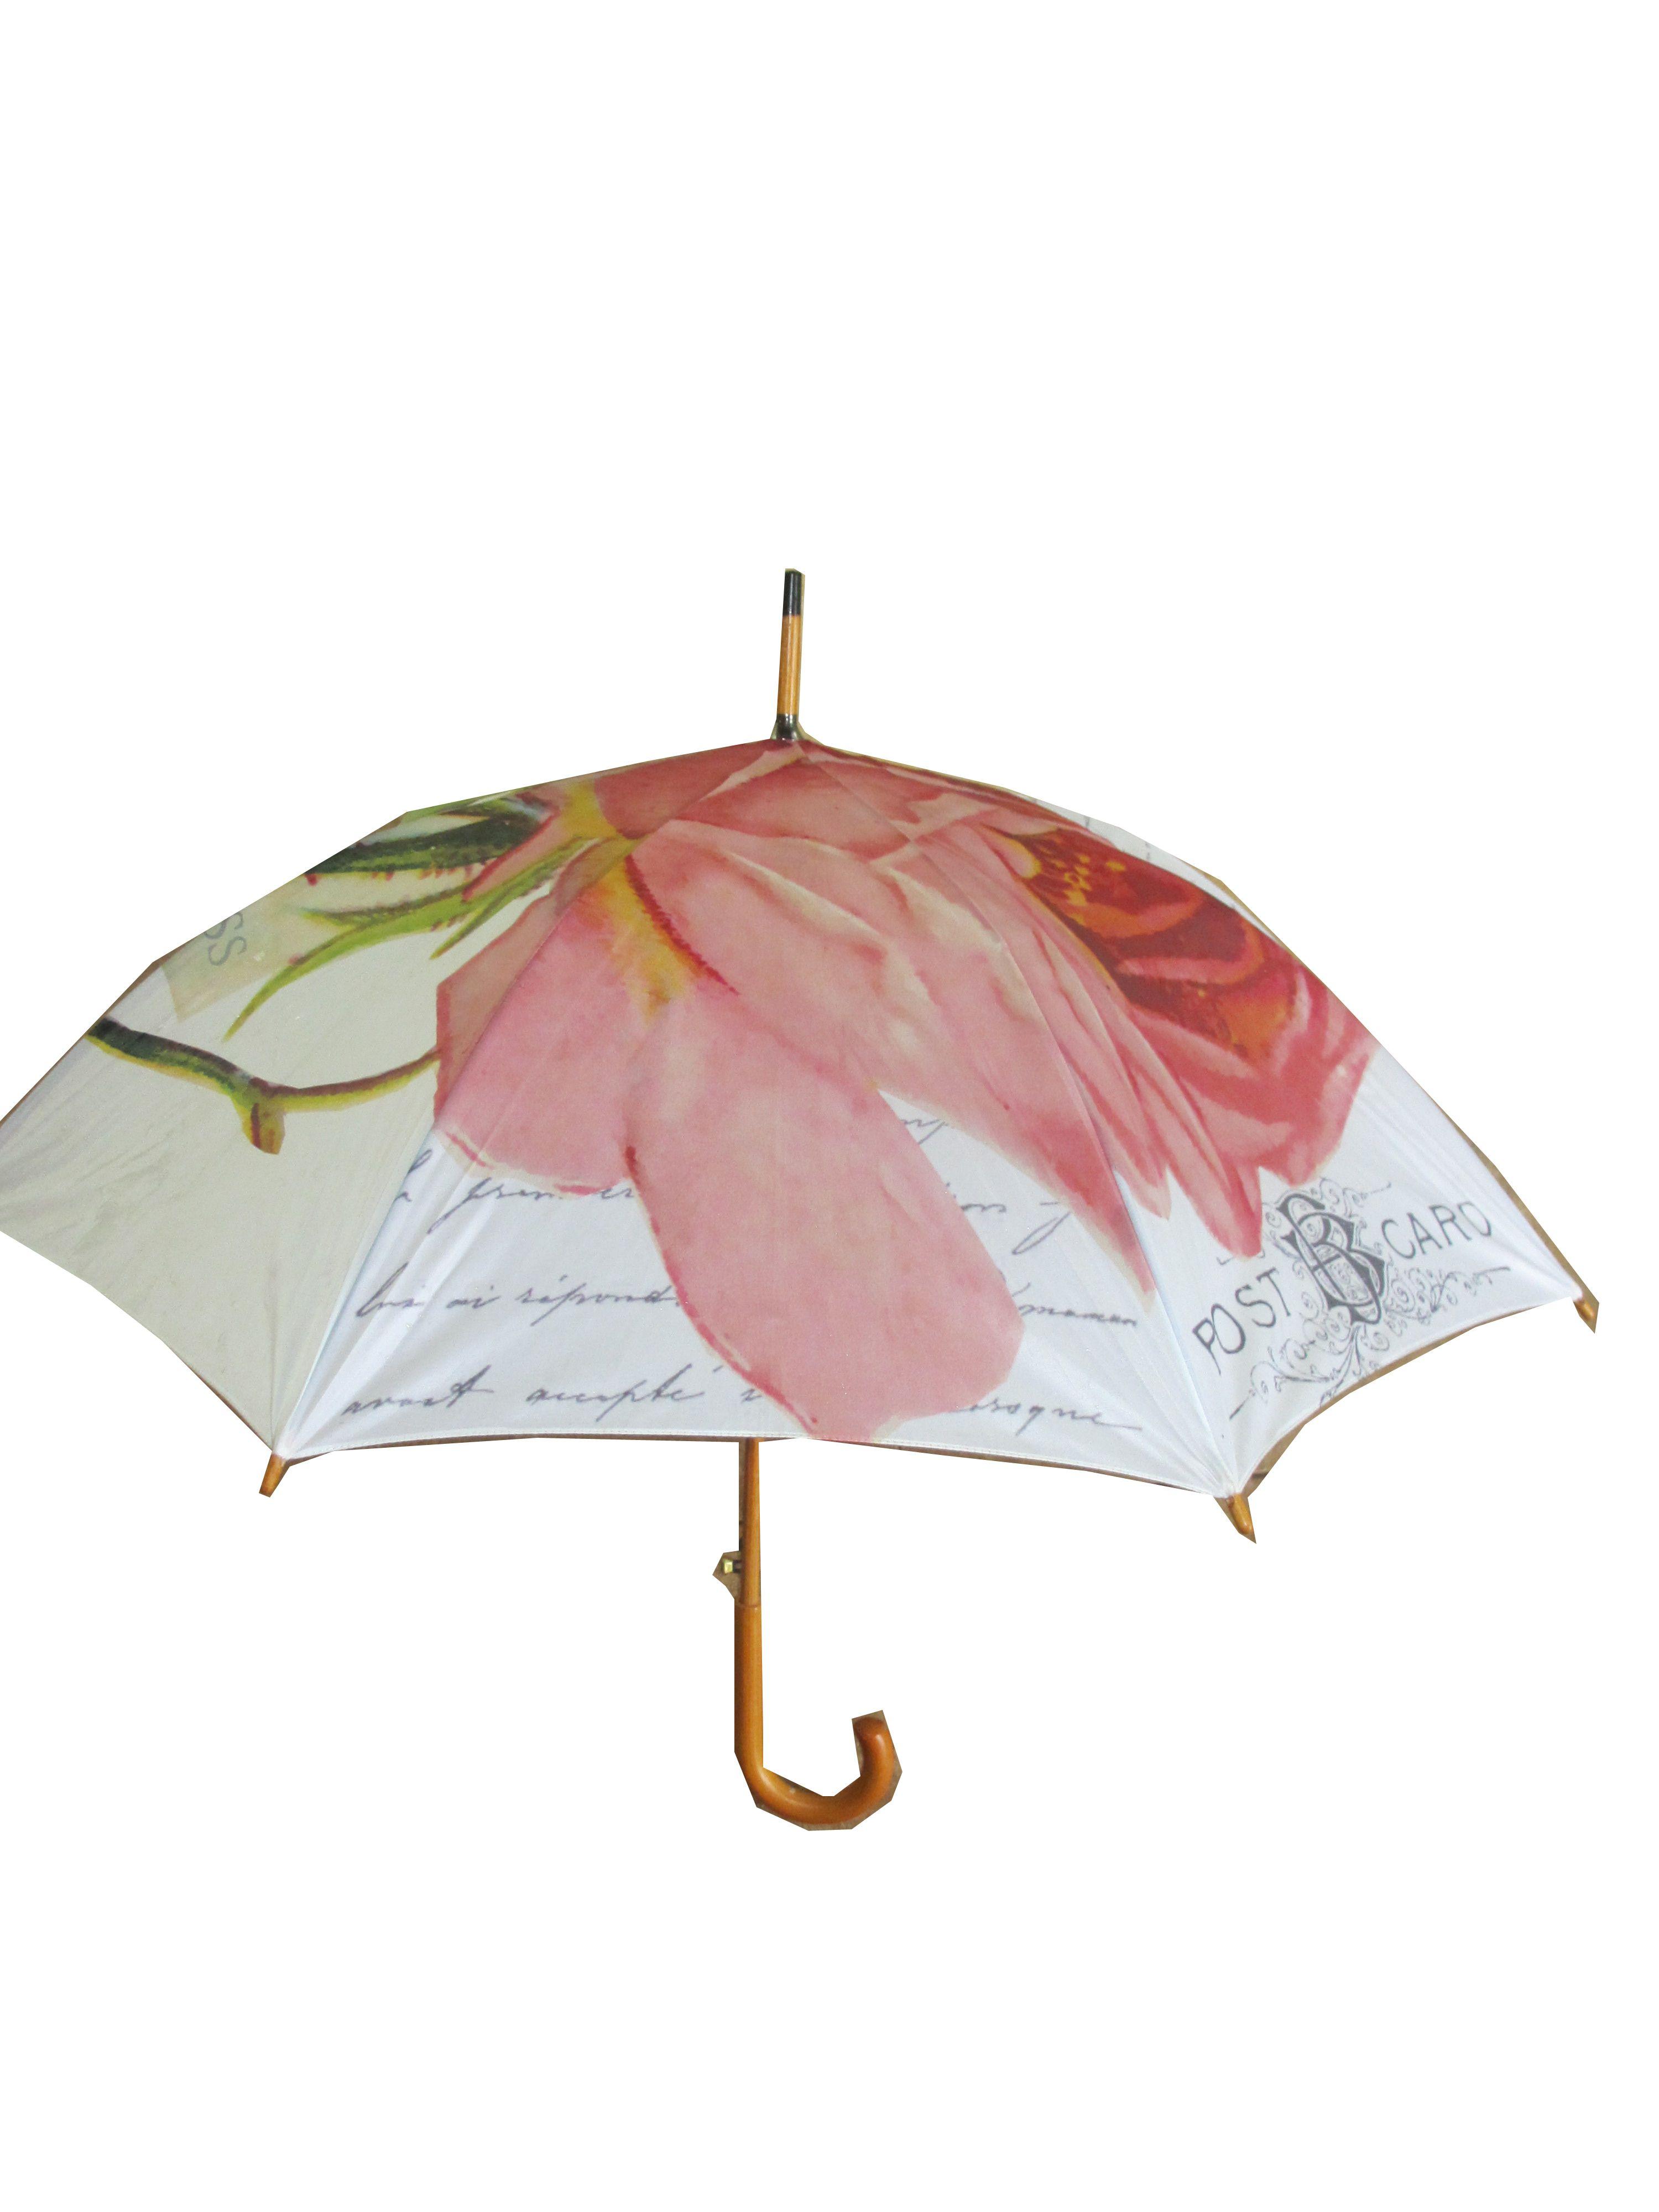 6f51339604 Pin by Lori Taylor on Umbrellas   Umbrellas parasols, Cool umbrellas ...